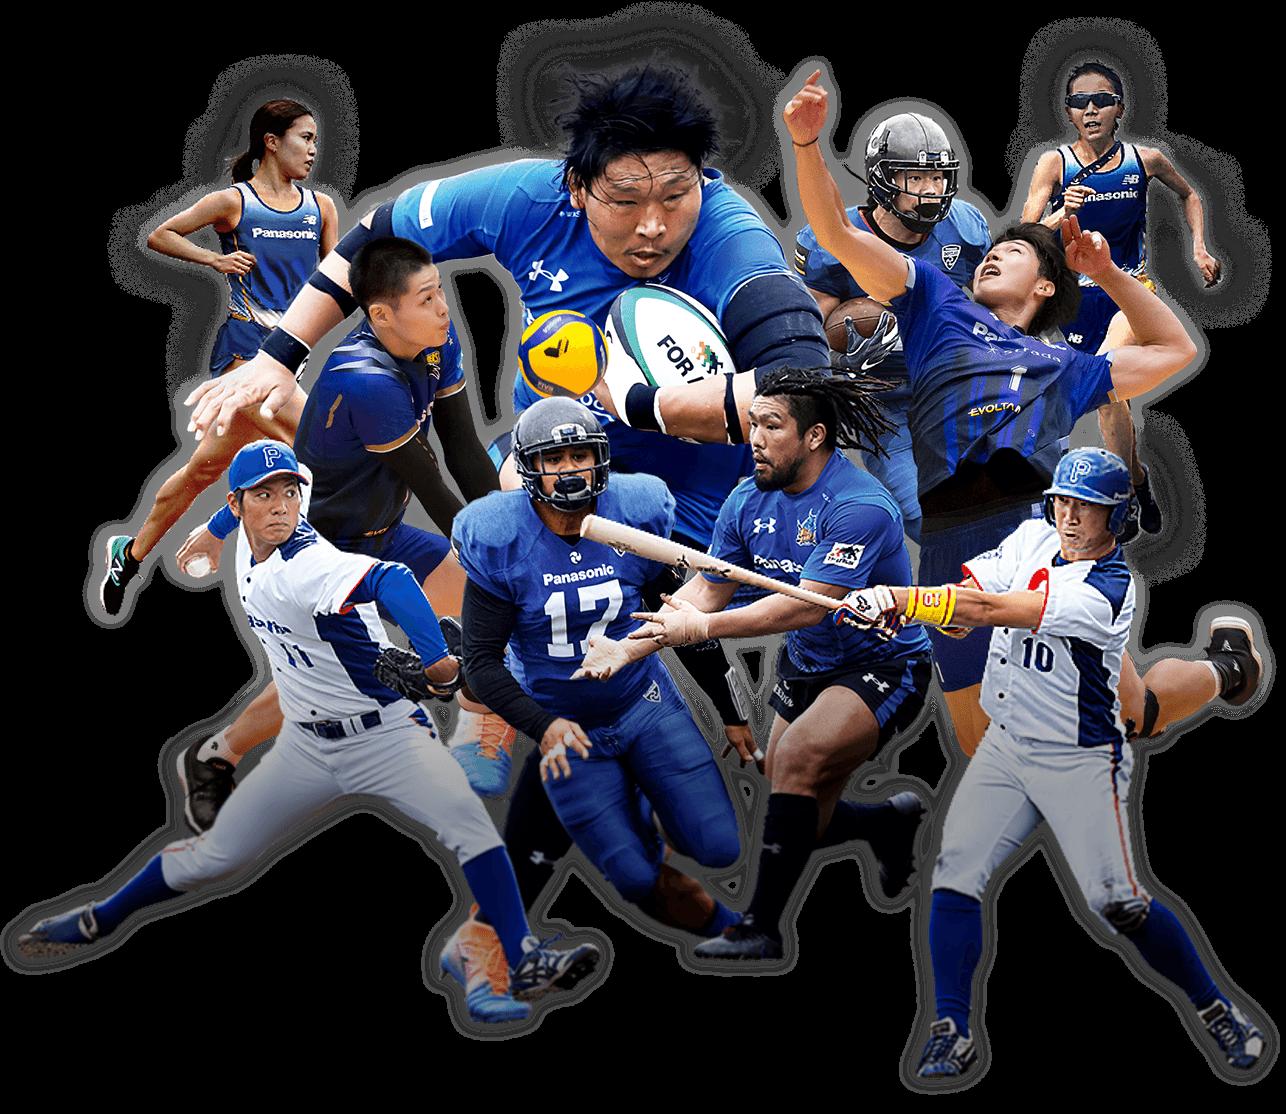 パナソニック スポーツ | Panasonic